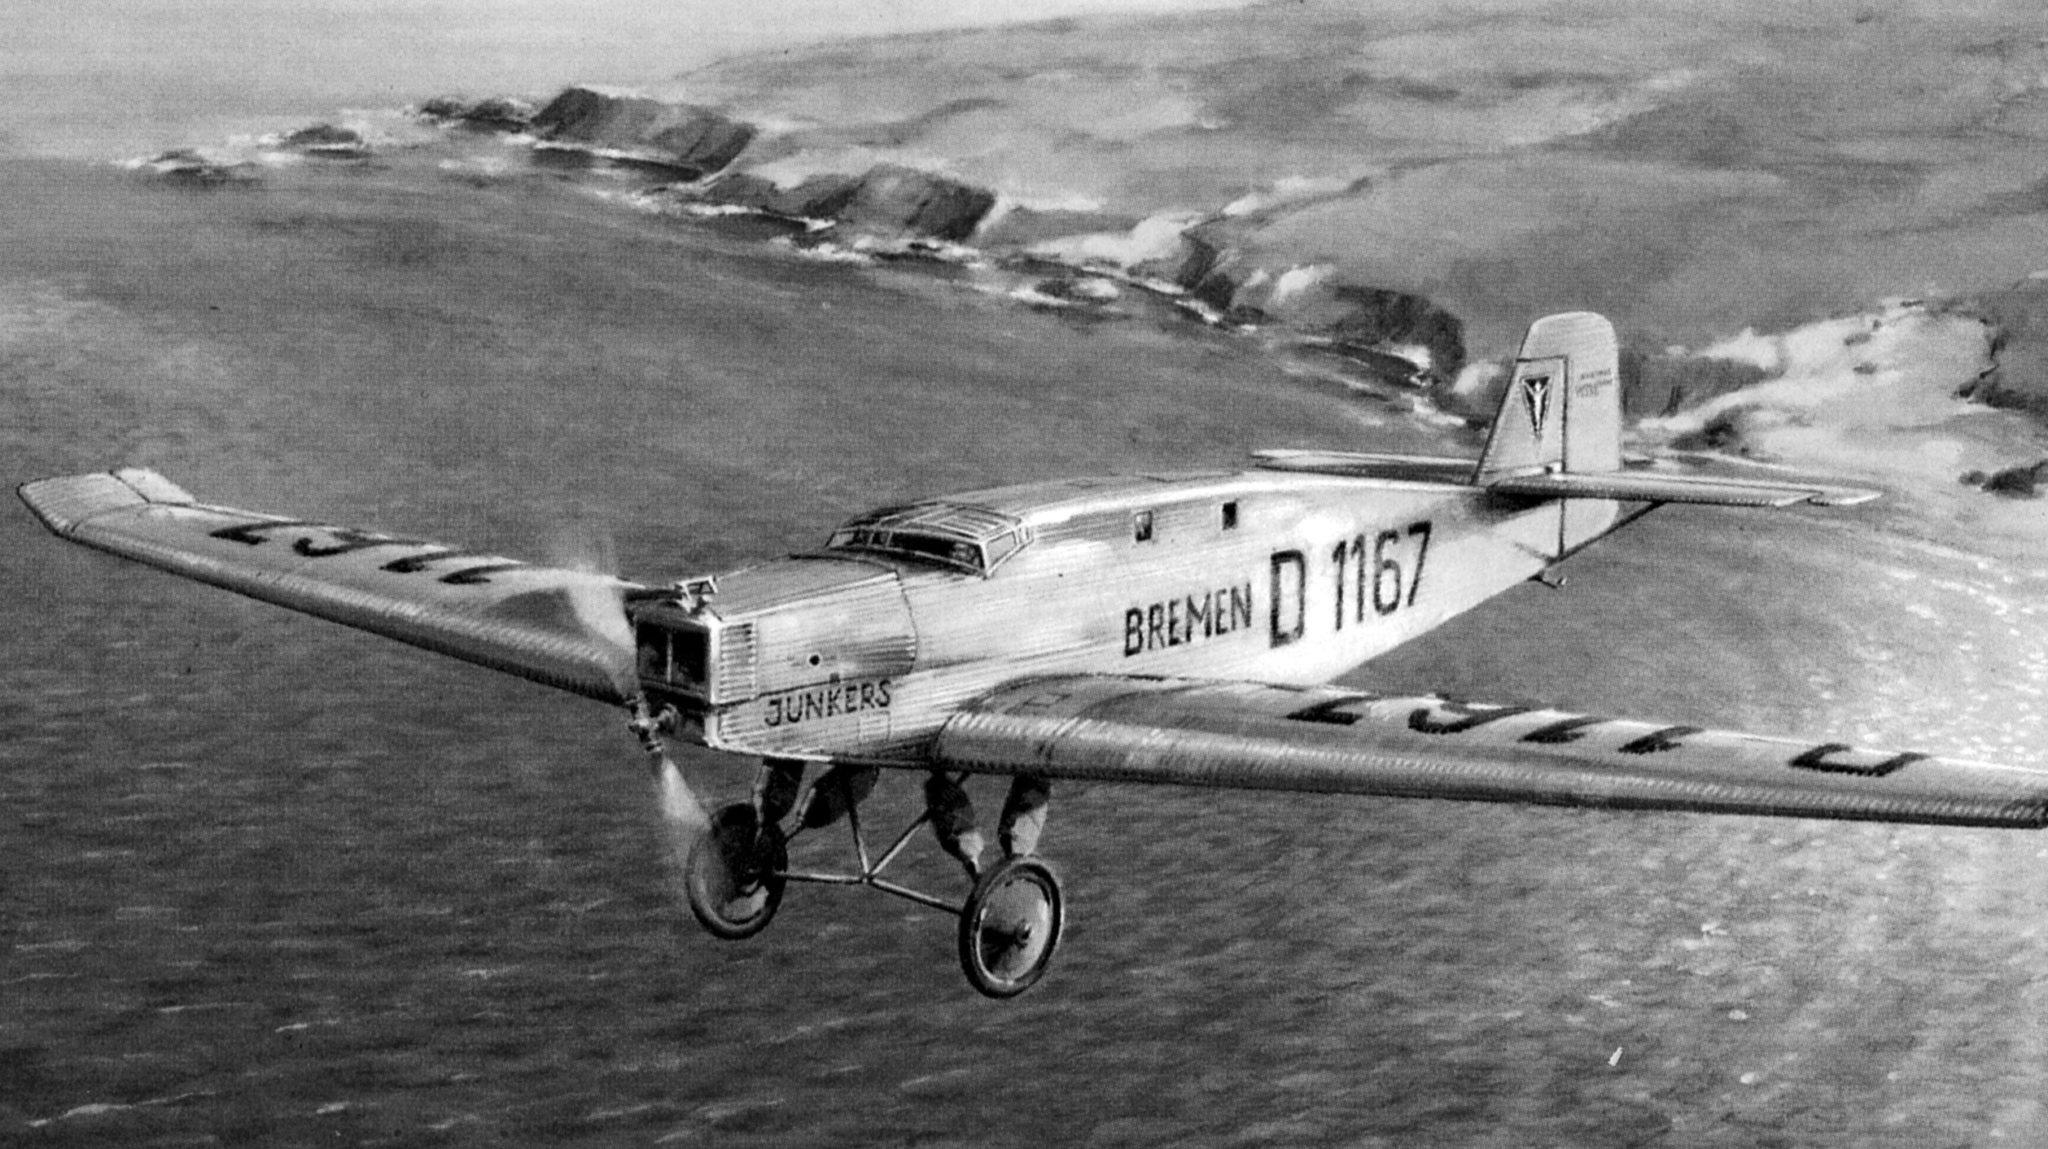 L'hommage d'Askania au premier vol transatlantique d'Est en Ouest : La collection de Brême